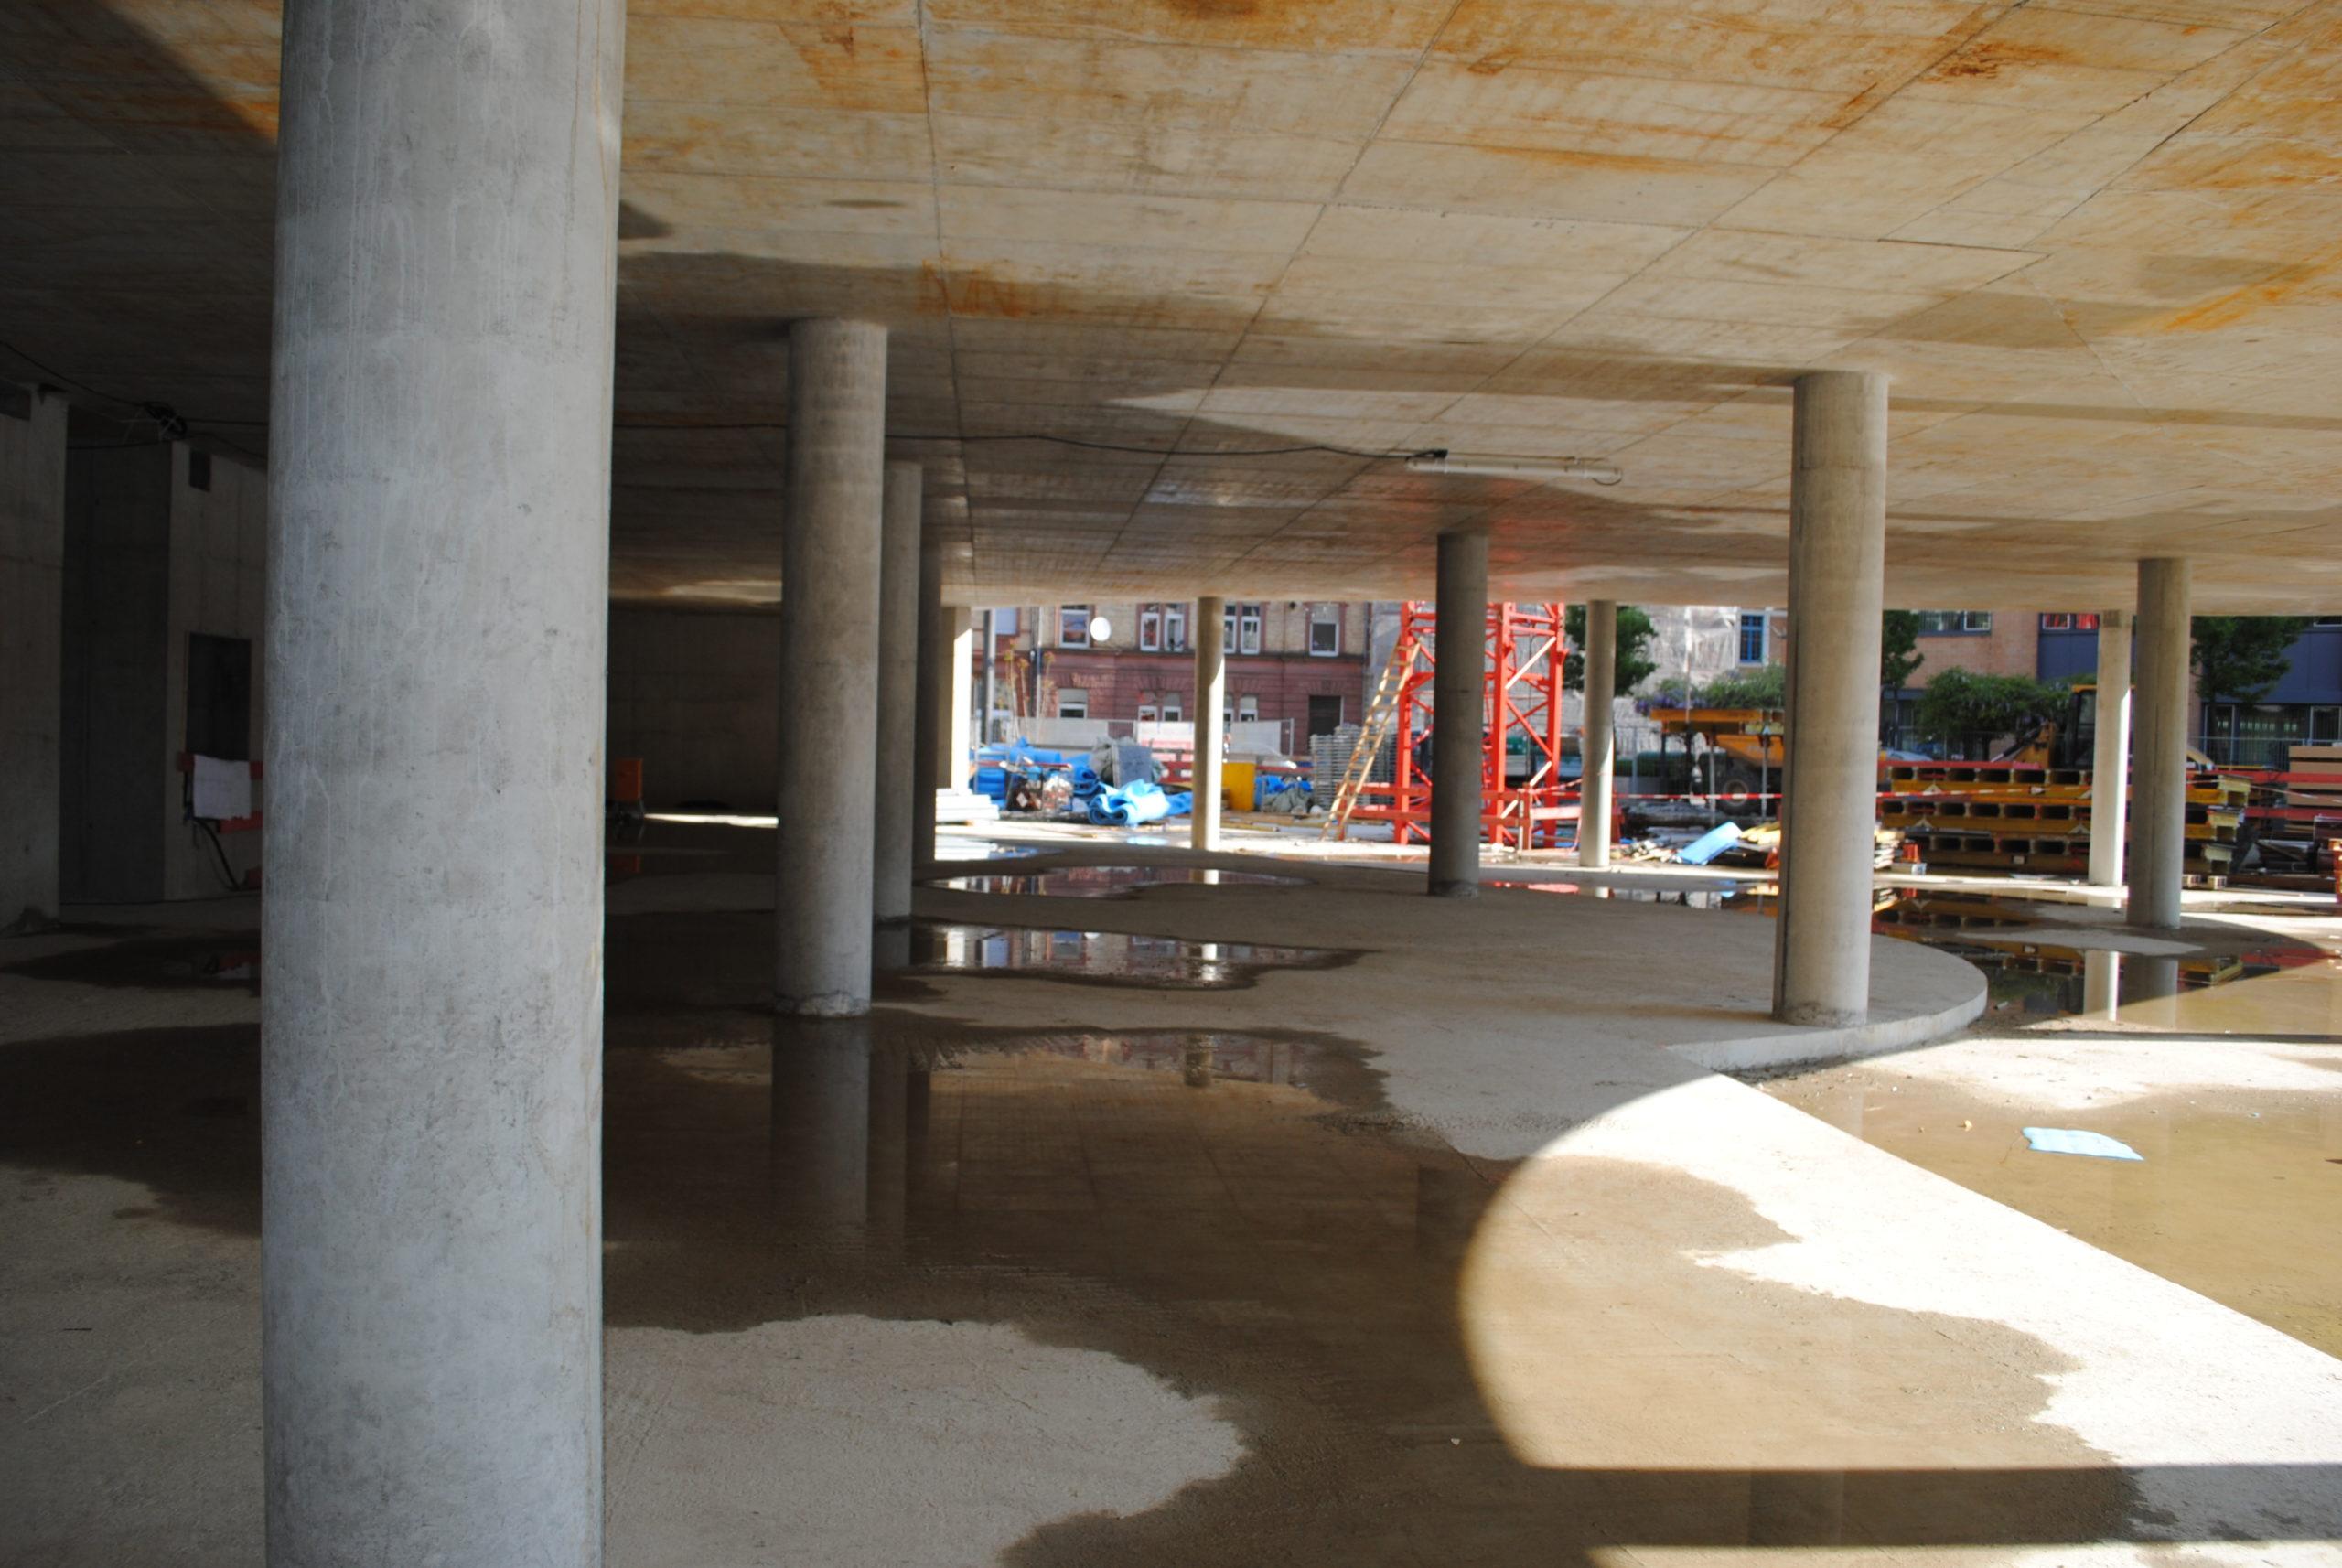 Das Synus-Gebäude im Bau - Noch wenige Monate bis zur Eröffnung